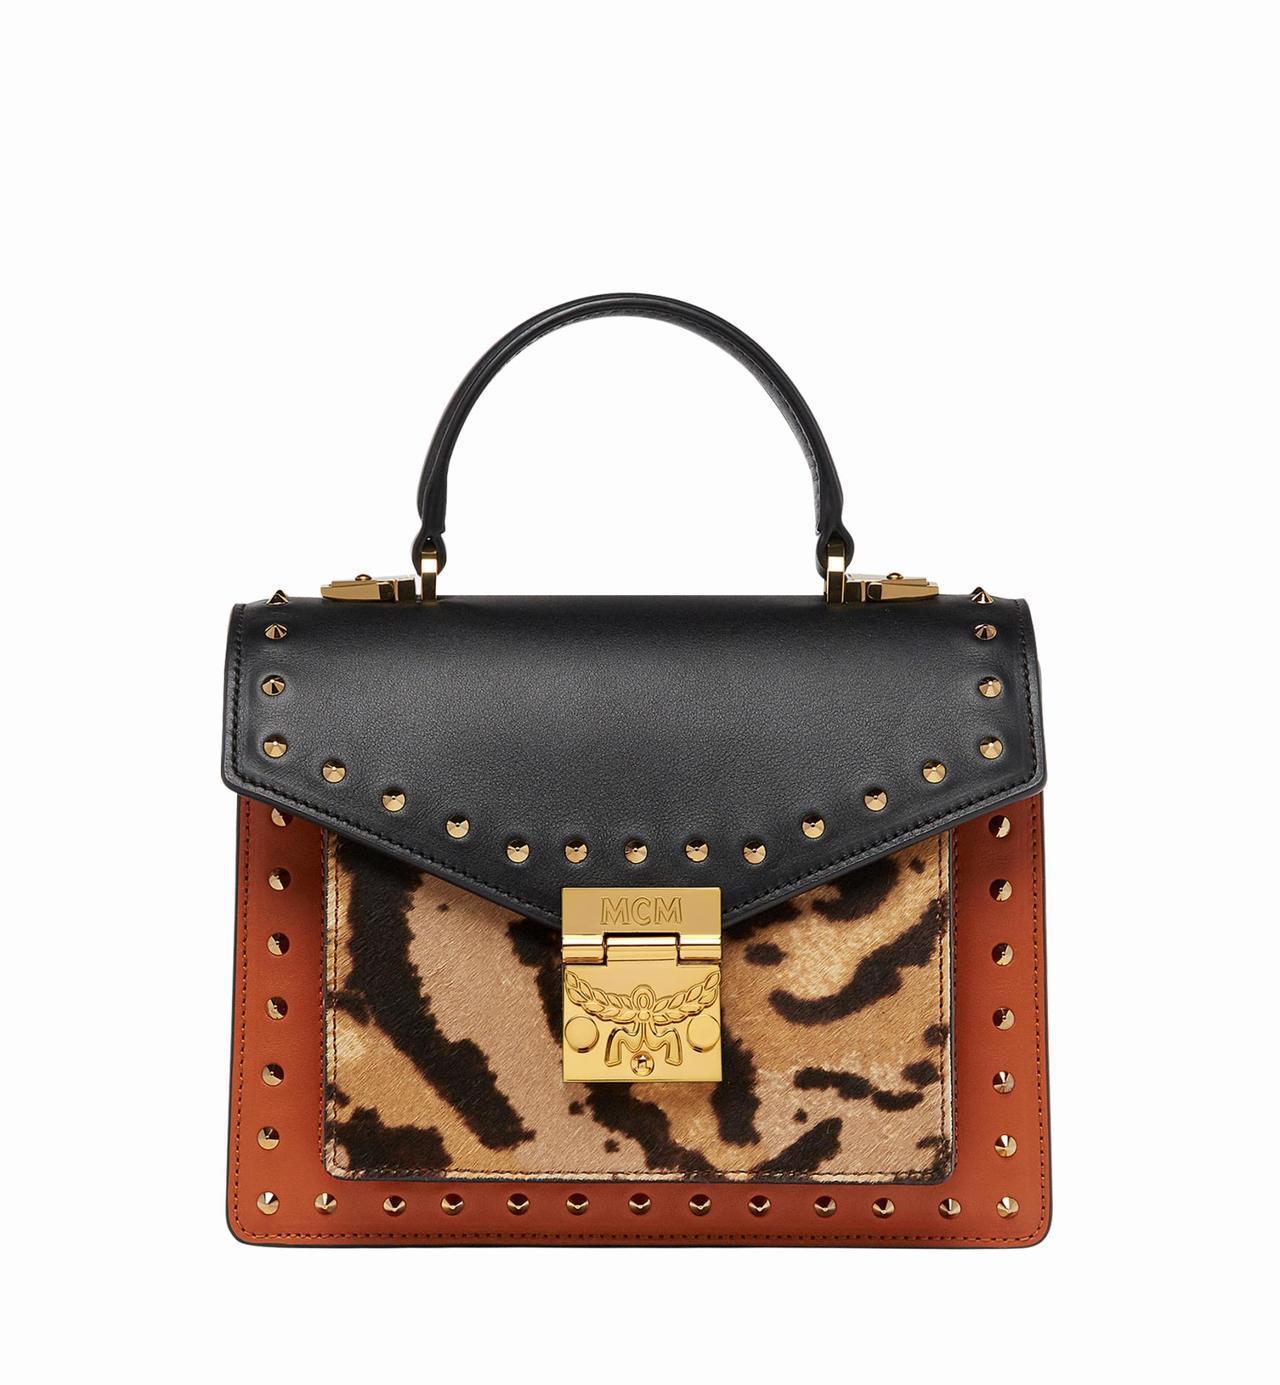 Patricia豹紋手提包,42,000元。圖/MCM提供